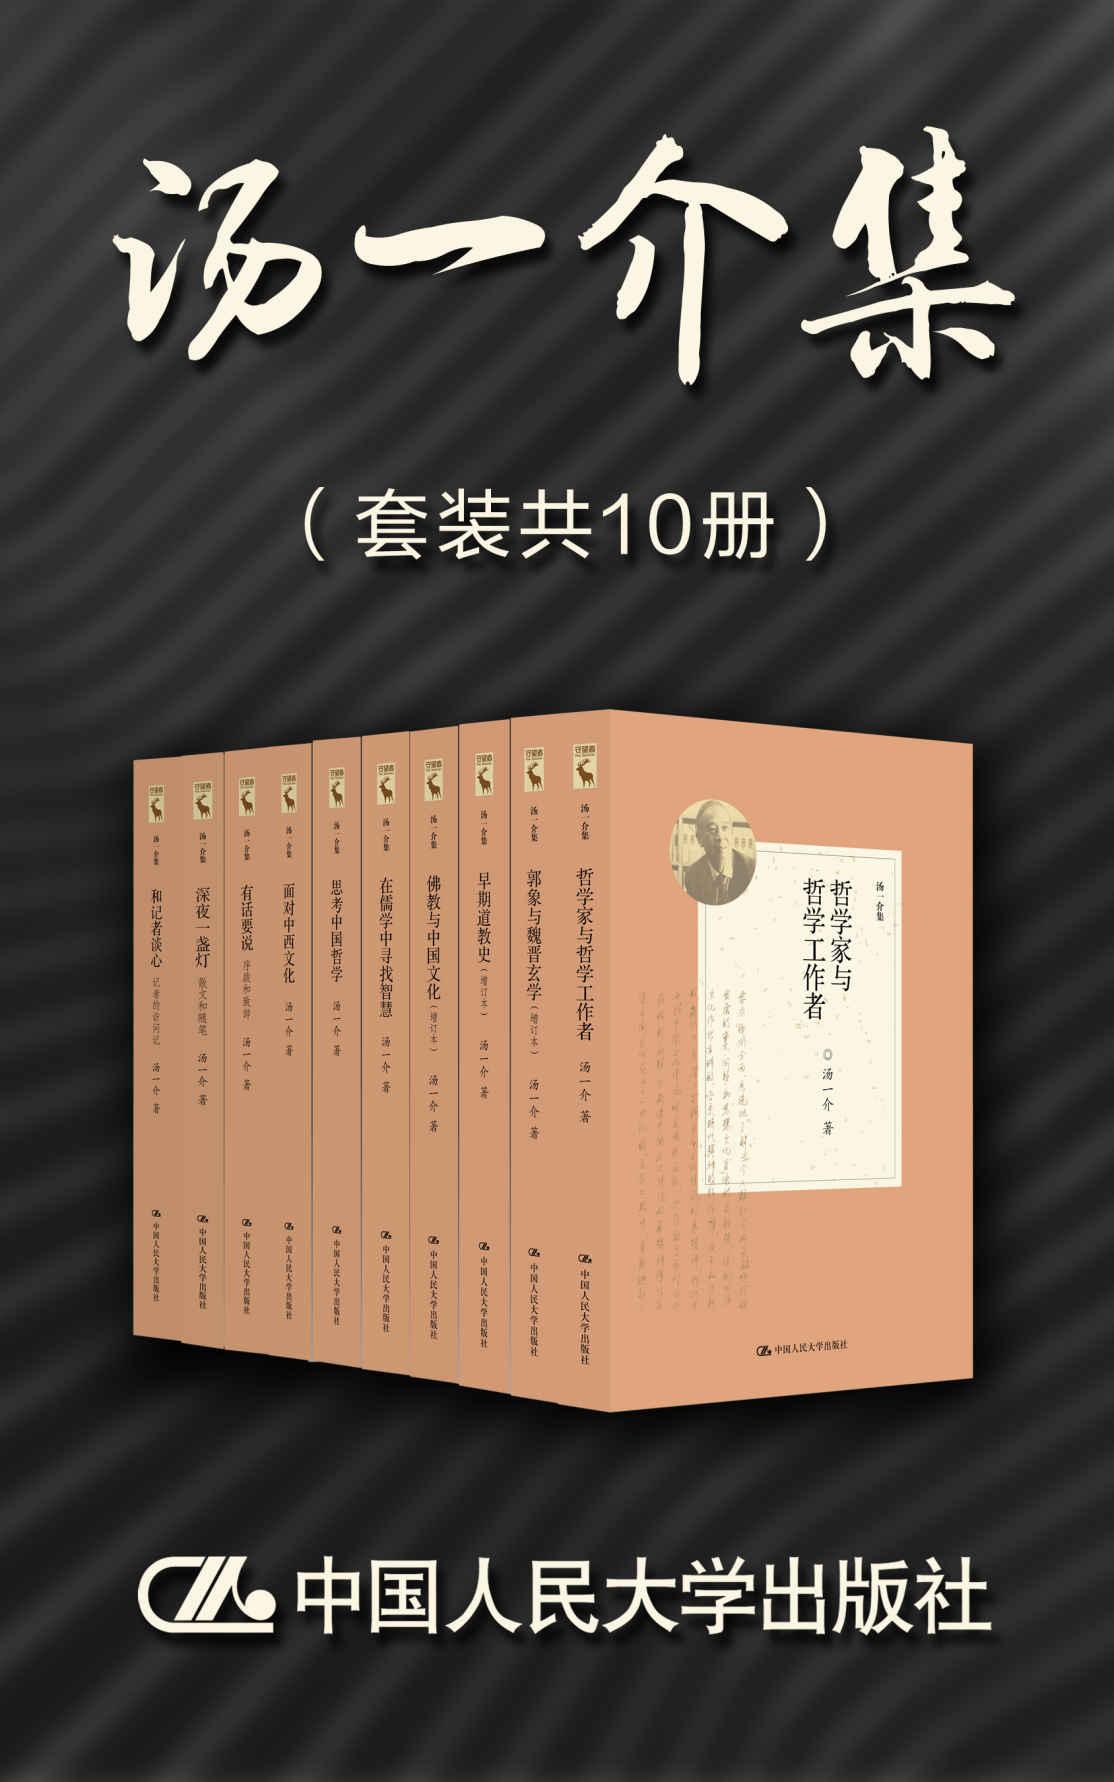 汤一介集(套装共10册)—汤一介—pdf+mobi+epub+txt+azw3电子书下载